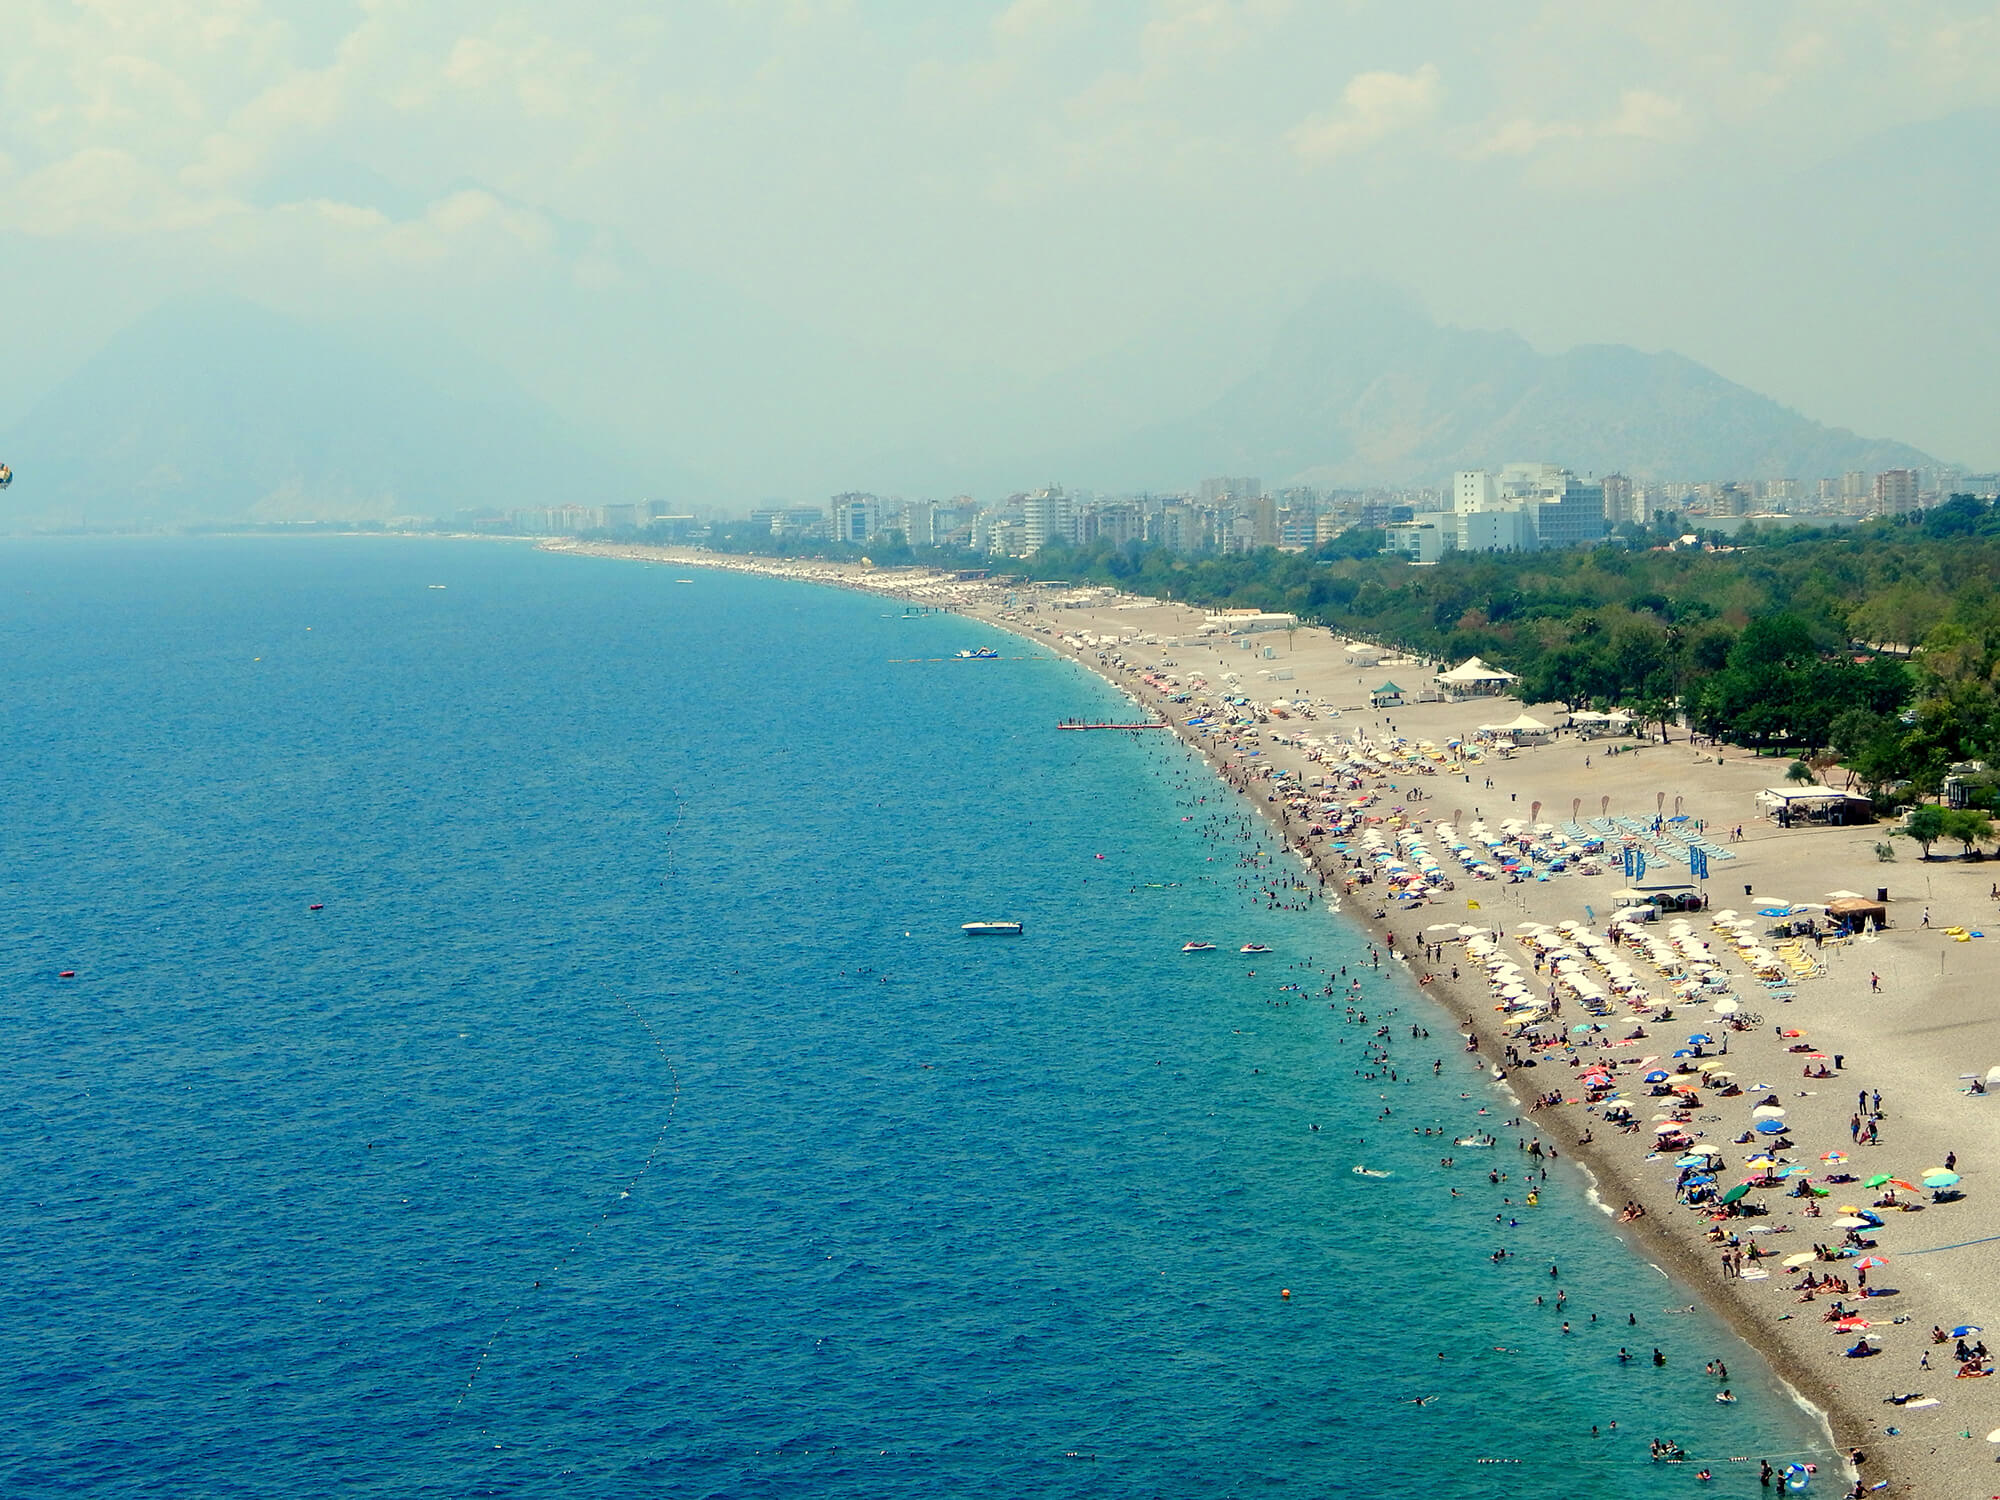 Курорты в Турции для отдыха на море